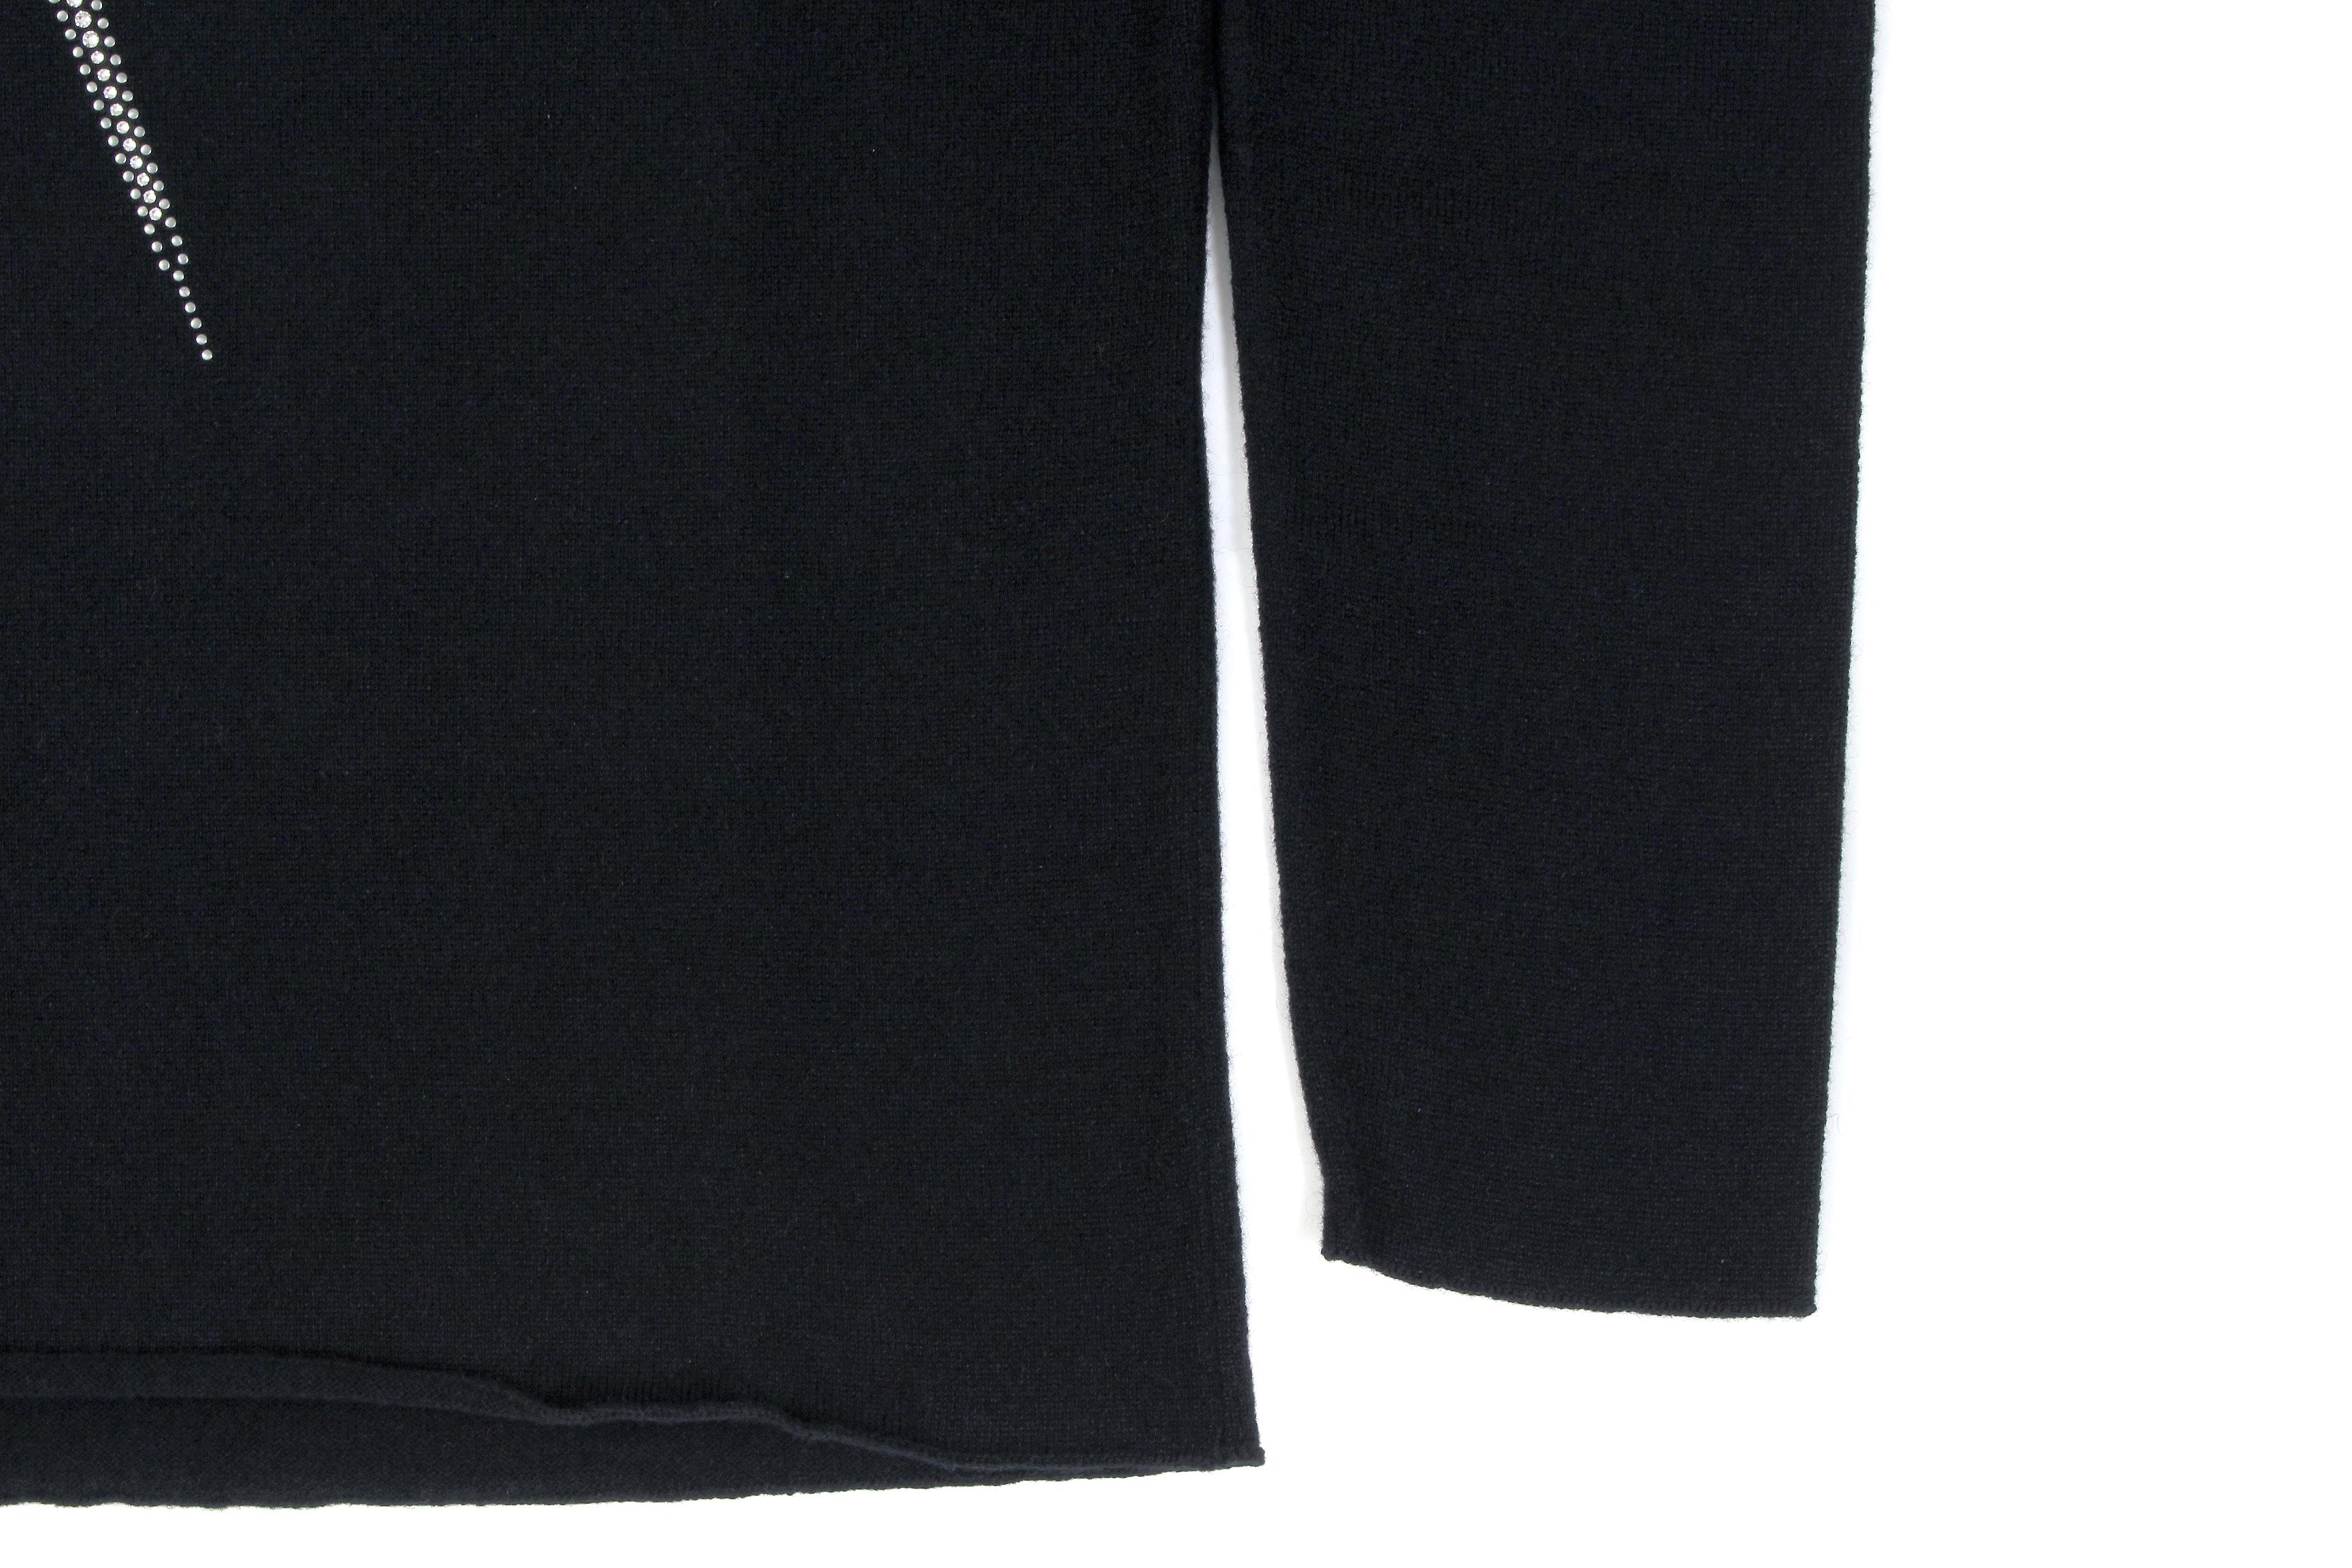 lucien pellat-finet (ルシアン ペラフィネ) Skull With Crystal Star Flash Sweater (スカル クリスタル スター フラッシュ カシミア セーター)  インターシャ カシミア スカル セーター BLACK × WHITE(ブラック×ホワイト) made in scotland (スコットランド製) 2020 秋冬新作 【Special Model】【入荷しました】【フリー分発売開始】 Alto e Diritto altoediritto アルトエデリット 愛知 名古屋 カシミヤ カシミア